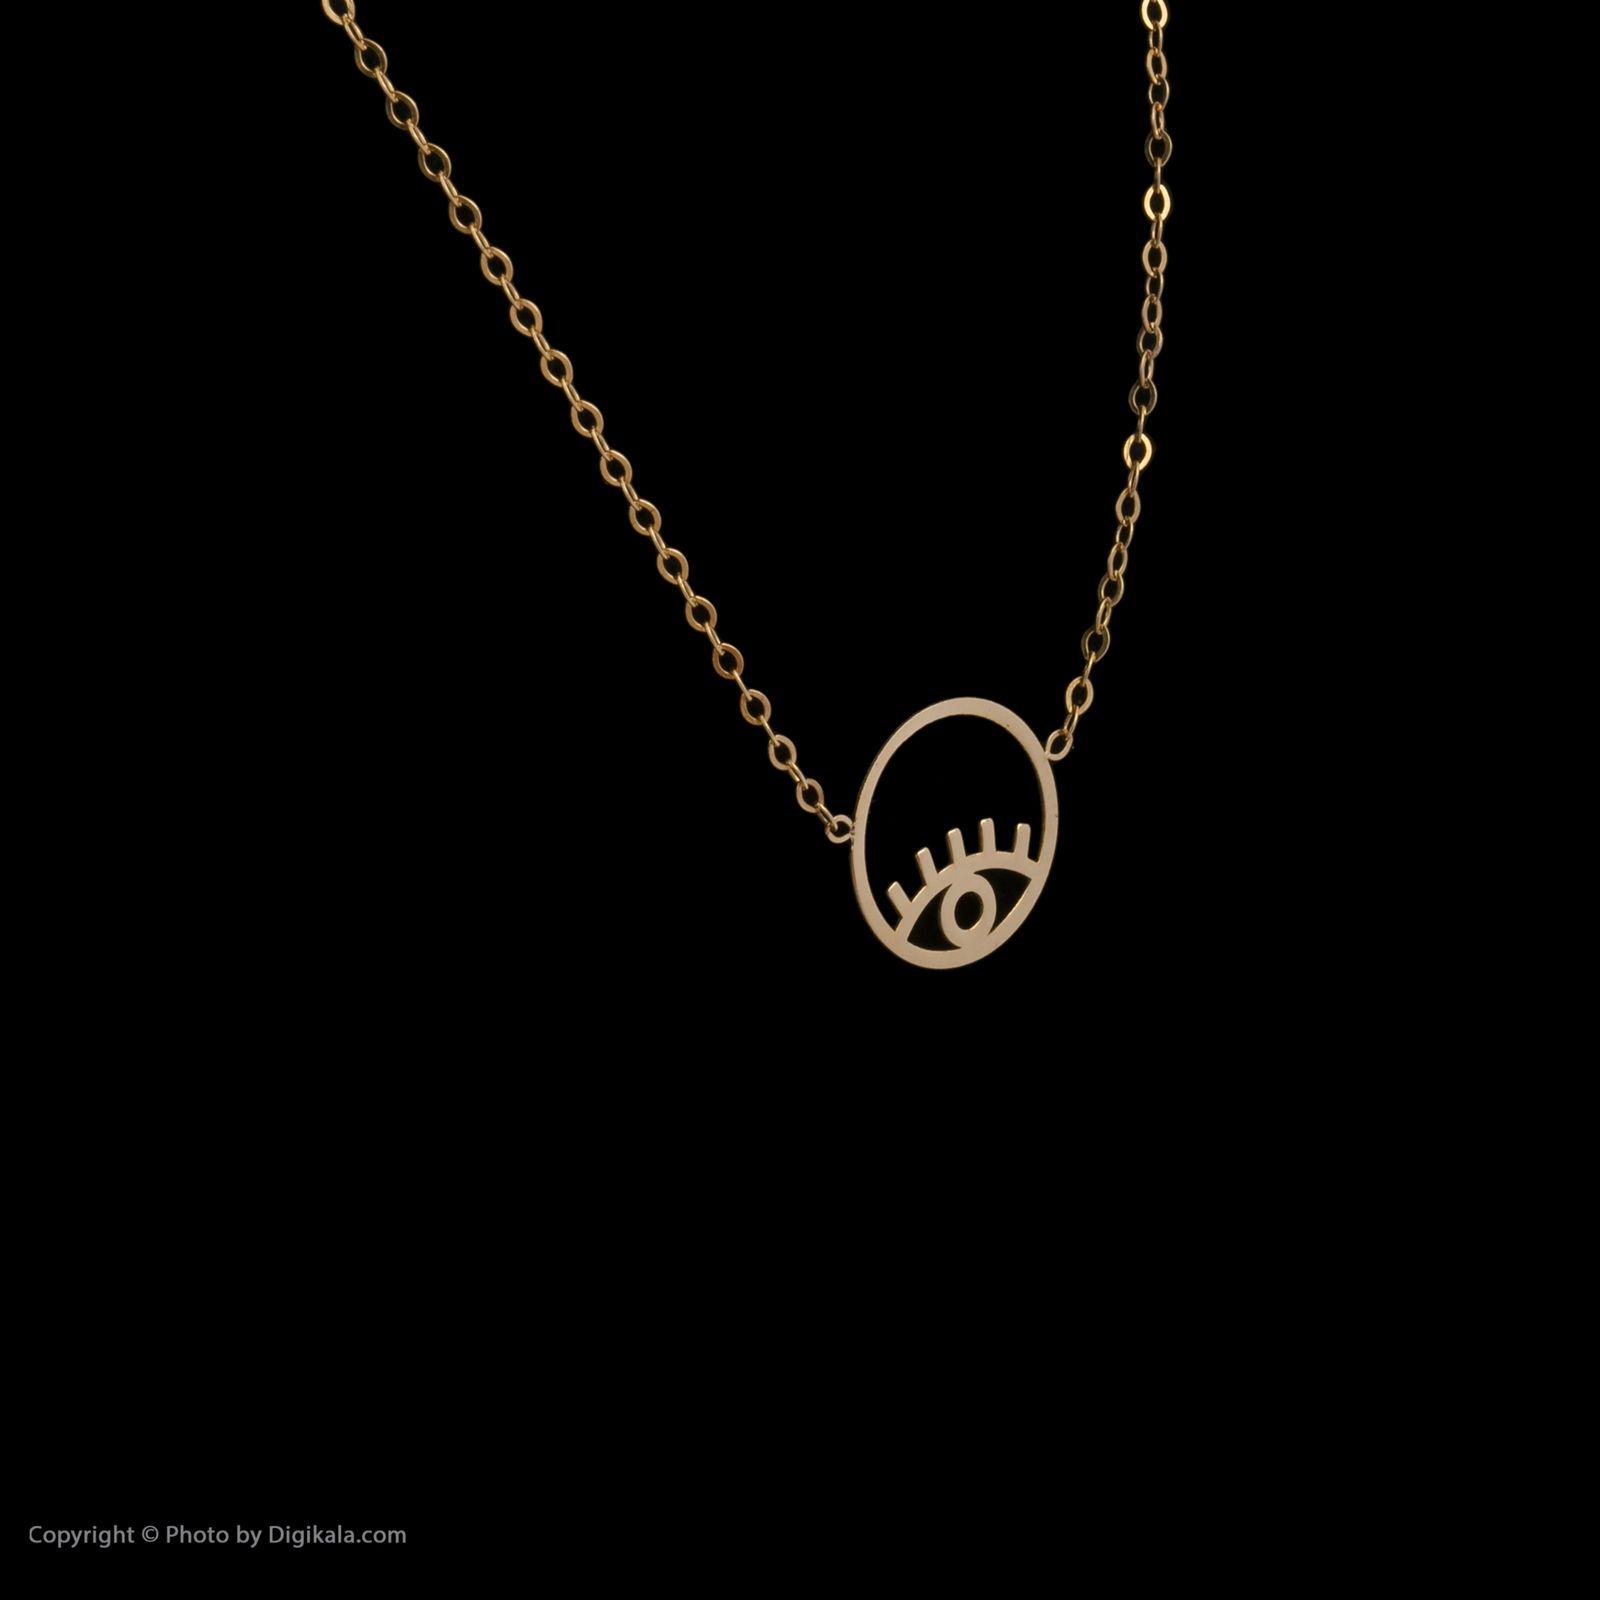 گردنبند طلا 18 عیار زنانه میو گلد مدل GD620 -  - 4